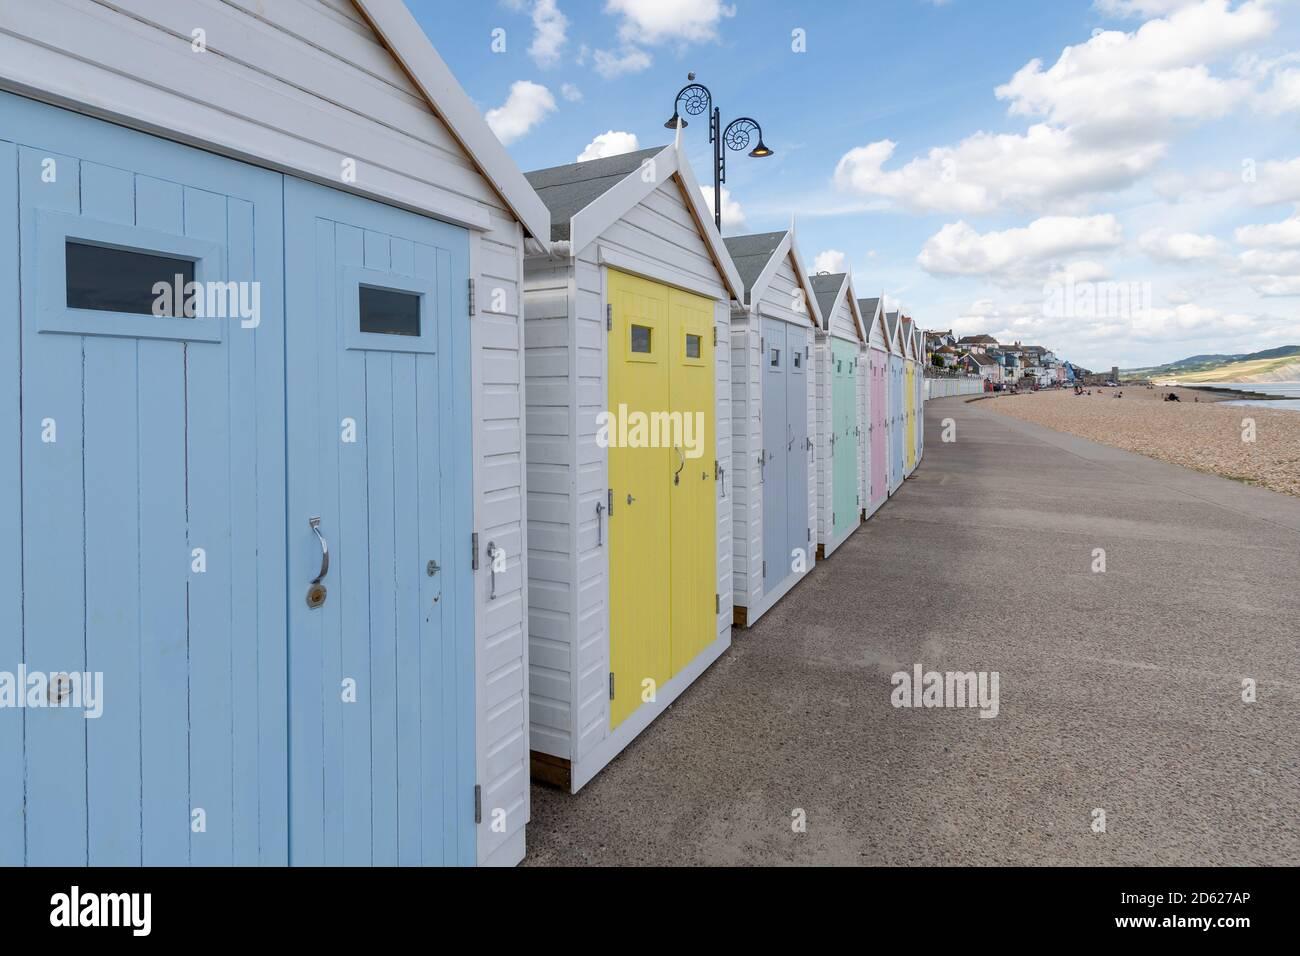 Cabines de plage dans une rangée à la plage avec multi portes colorées Banque D'Images